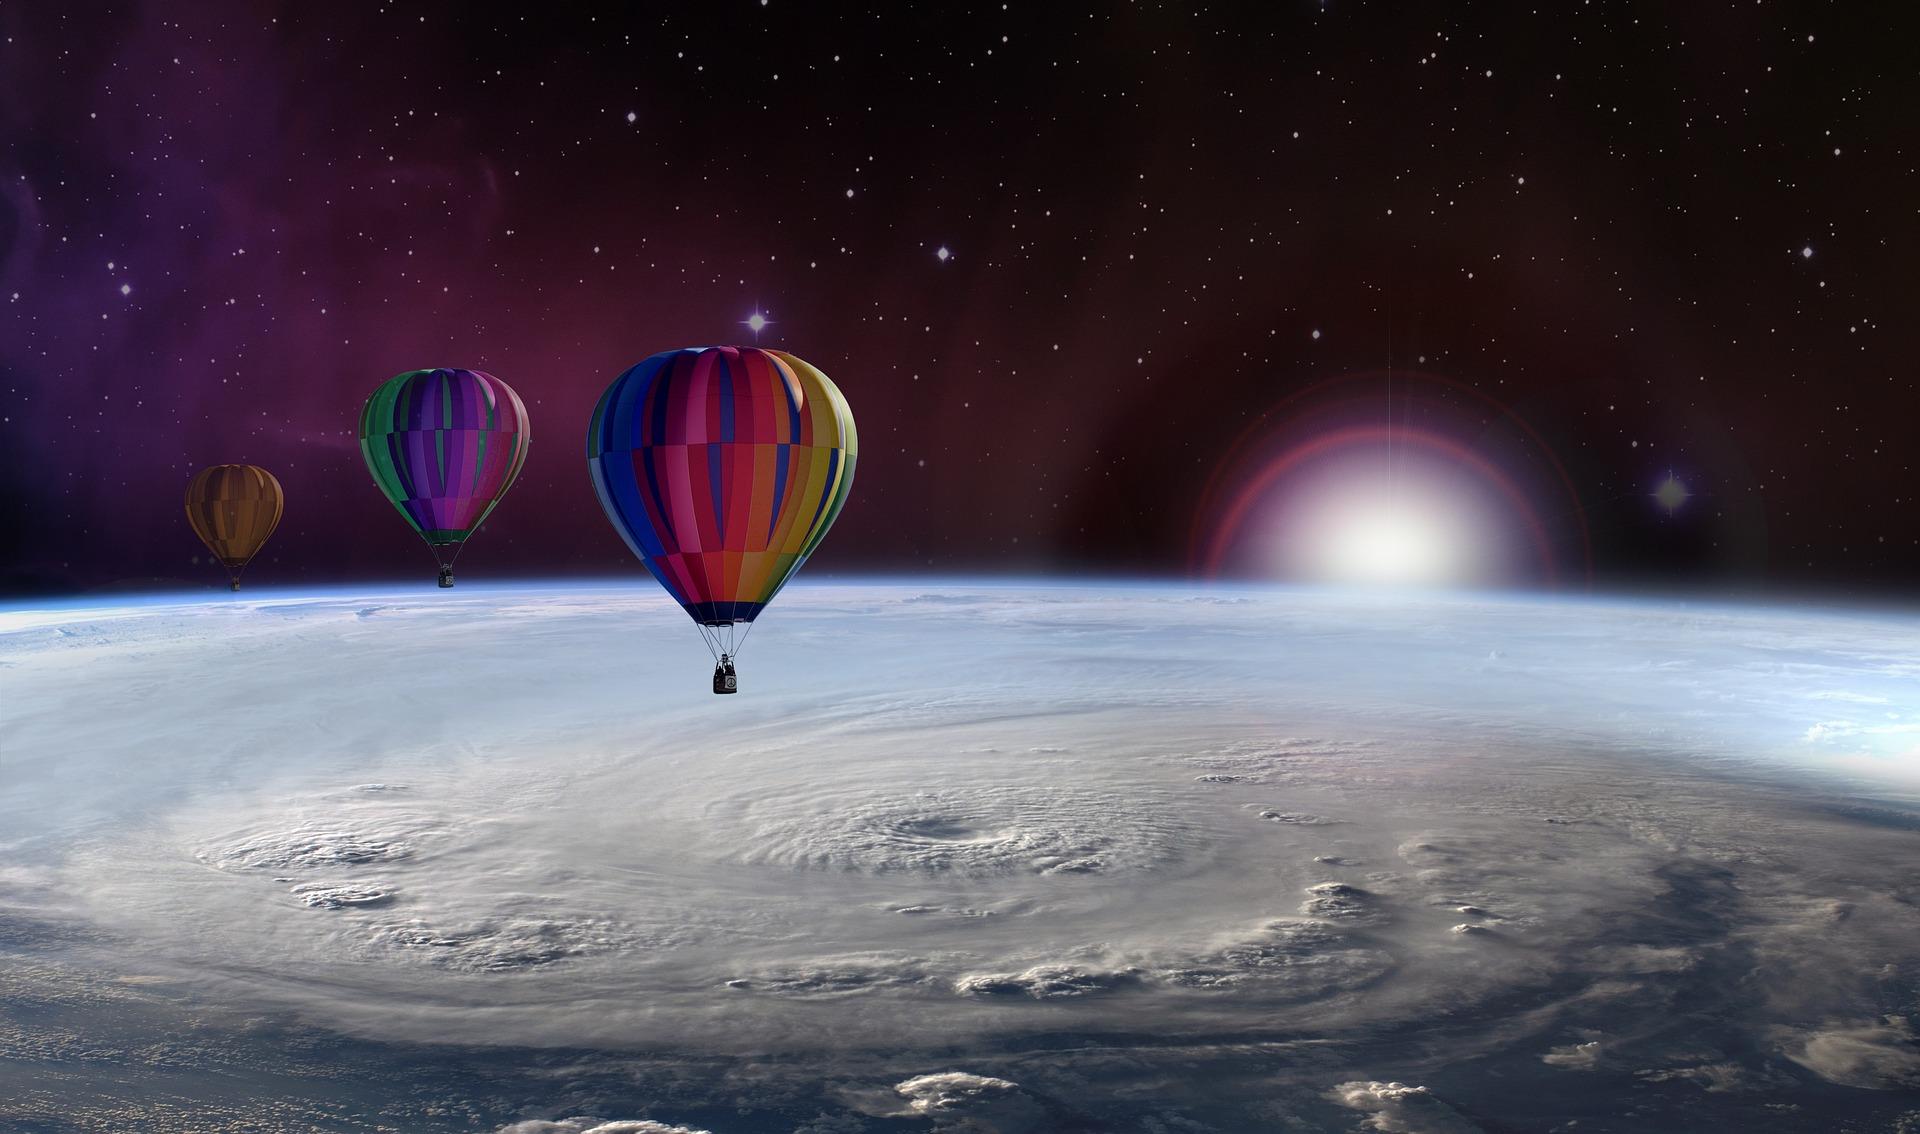 balloon-2388436_1920